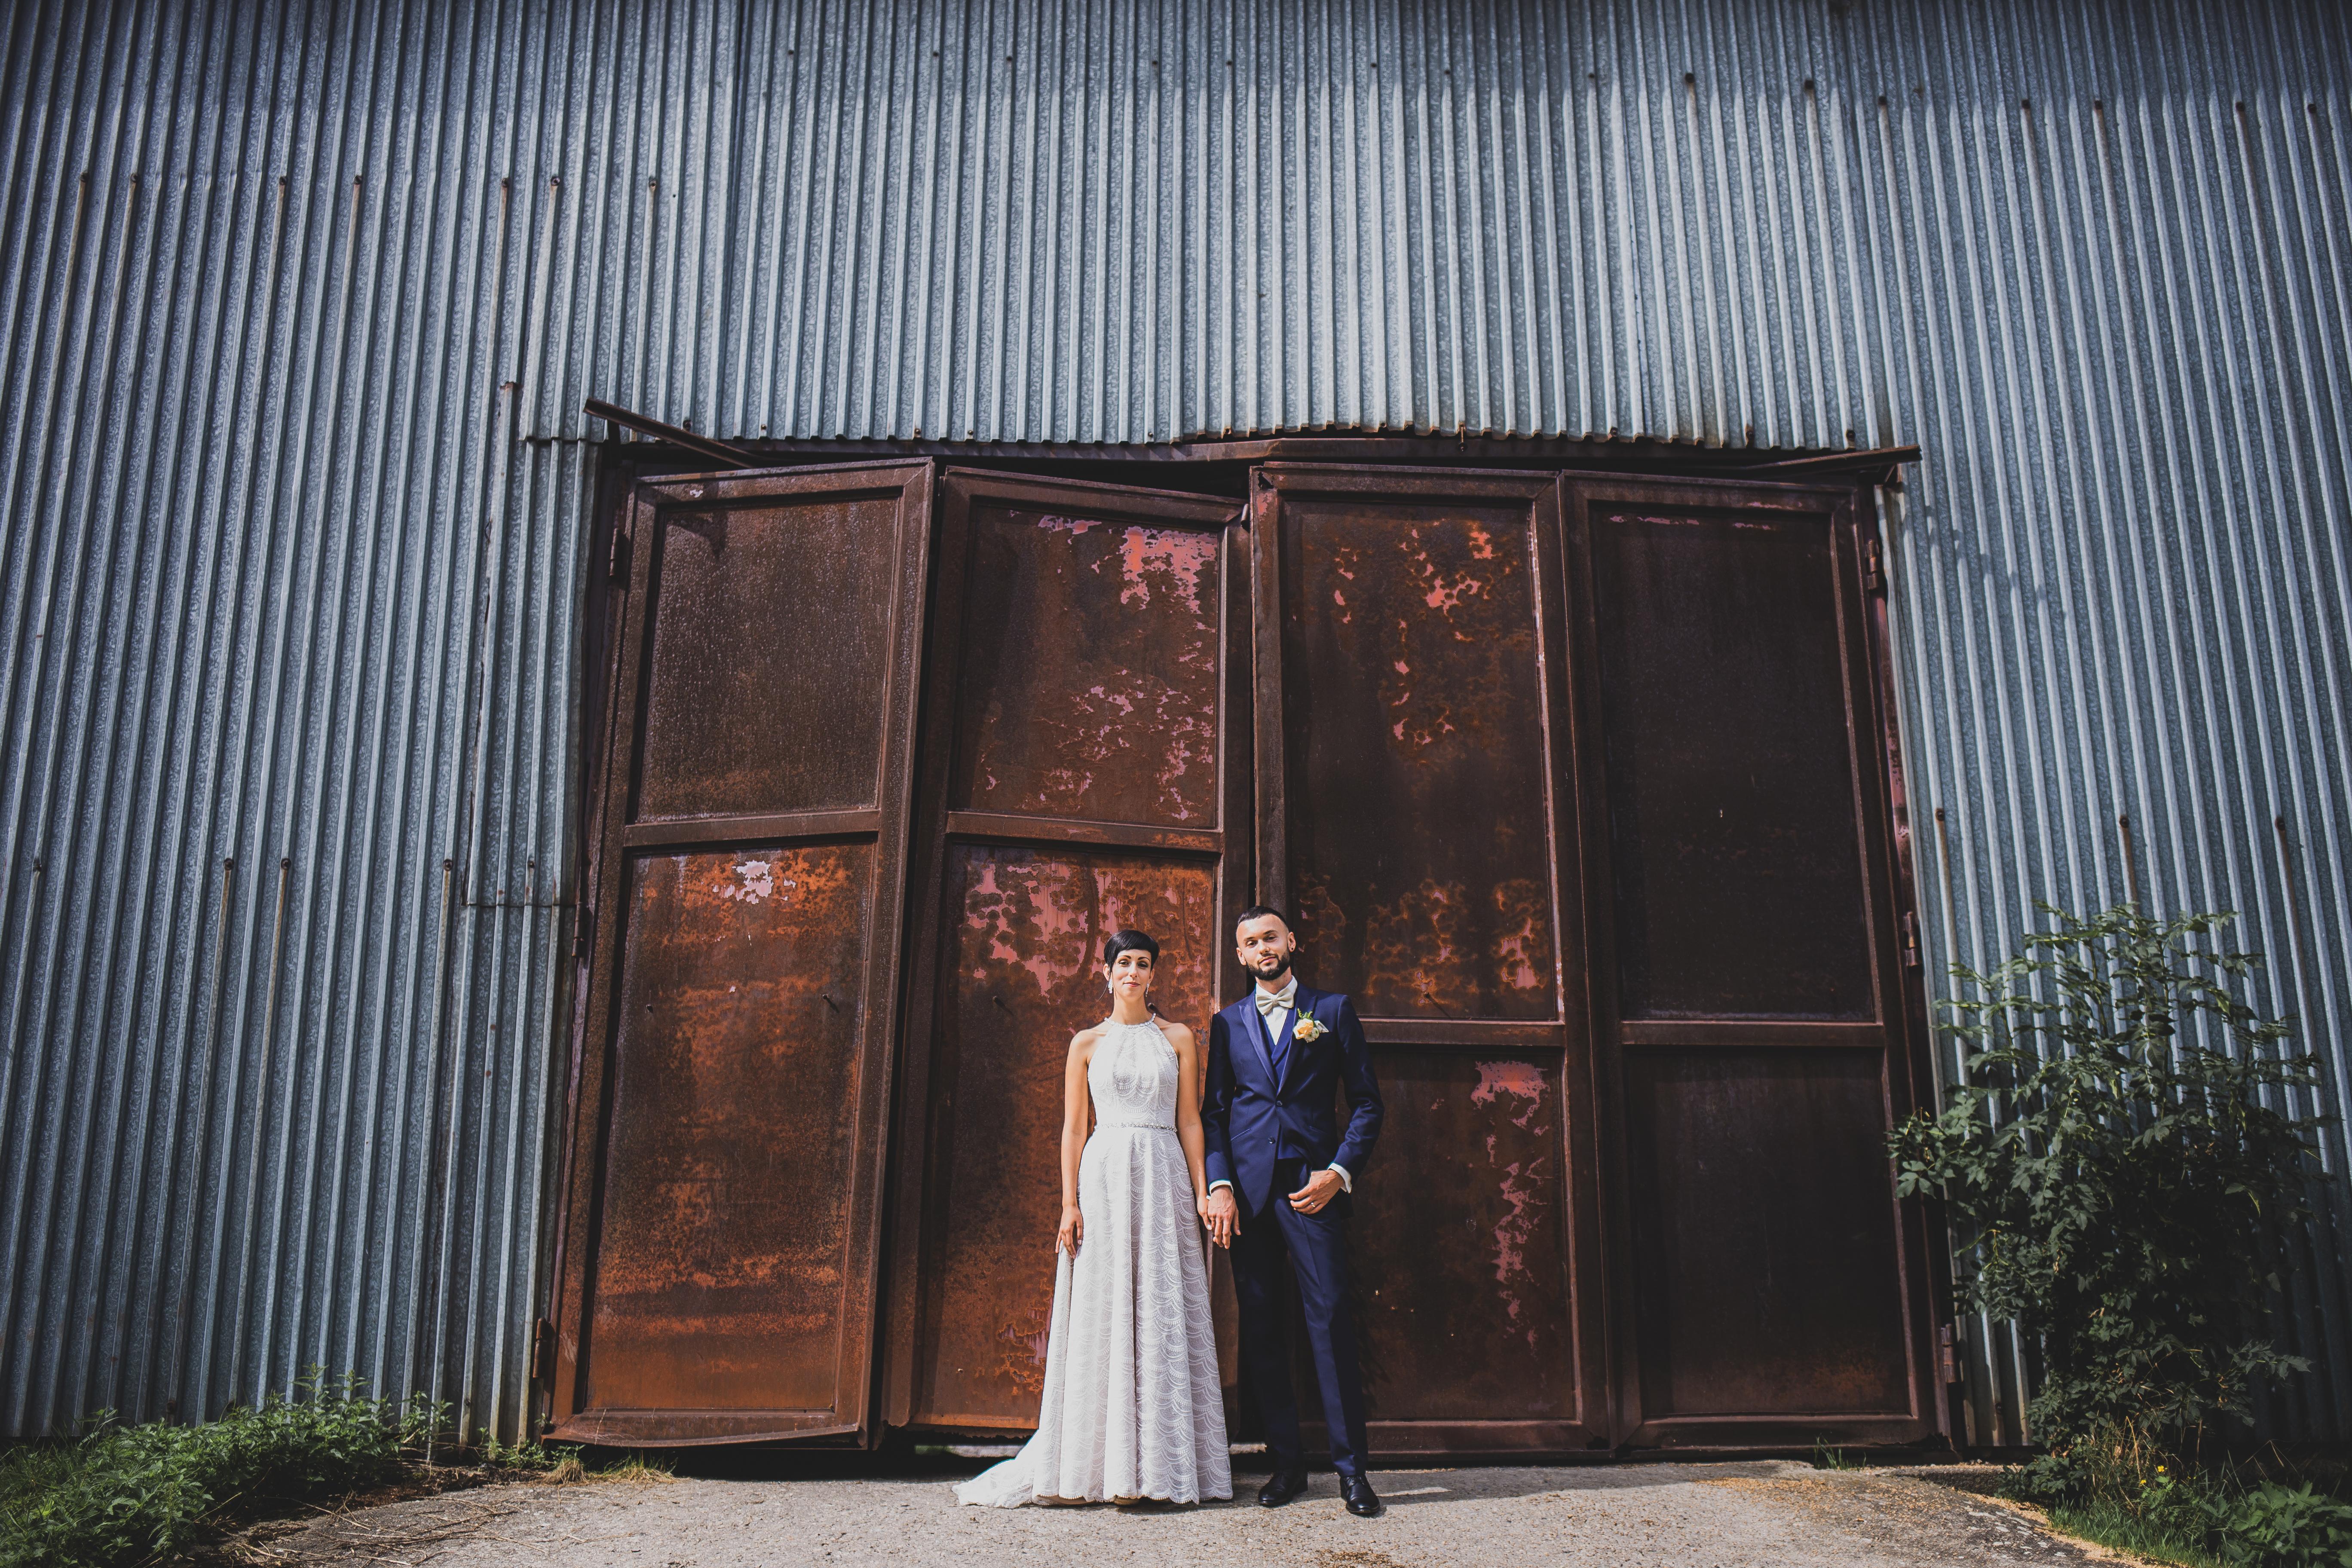 czech wedding photography, rural sty